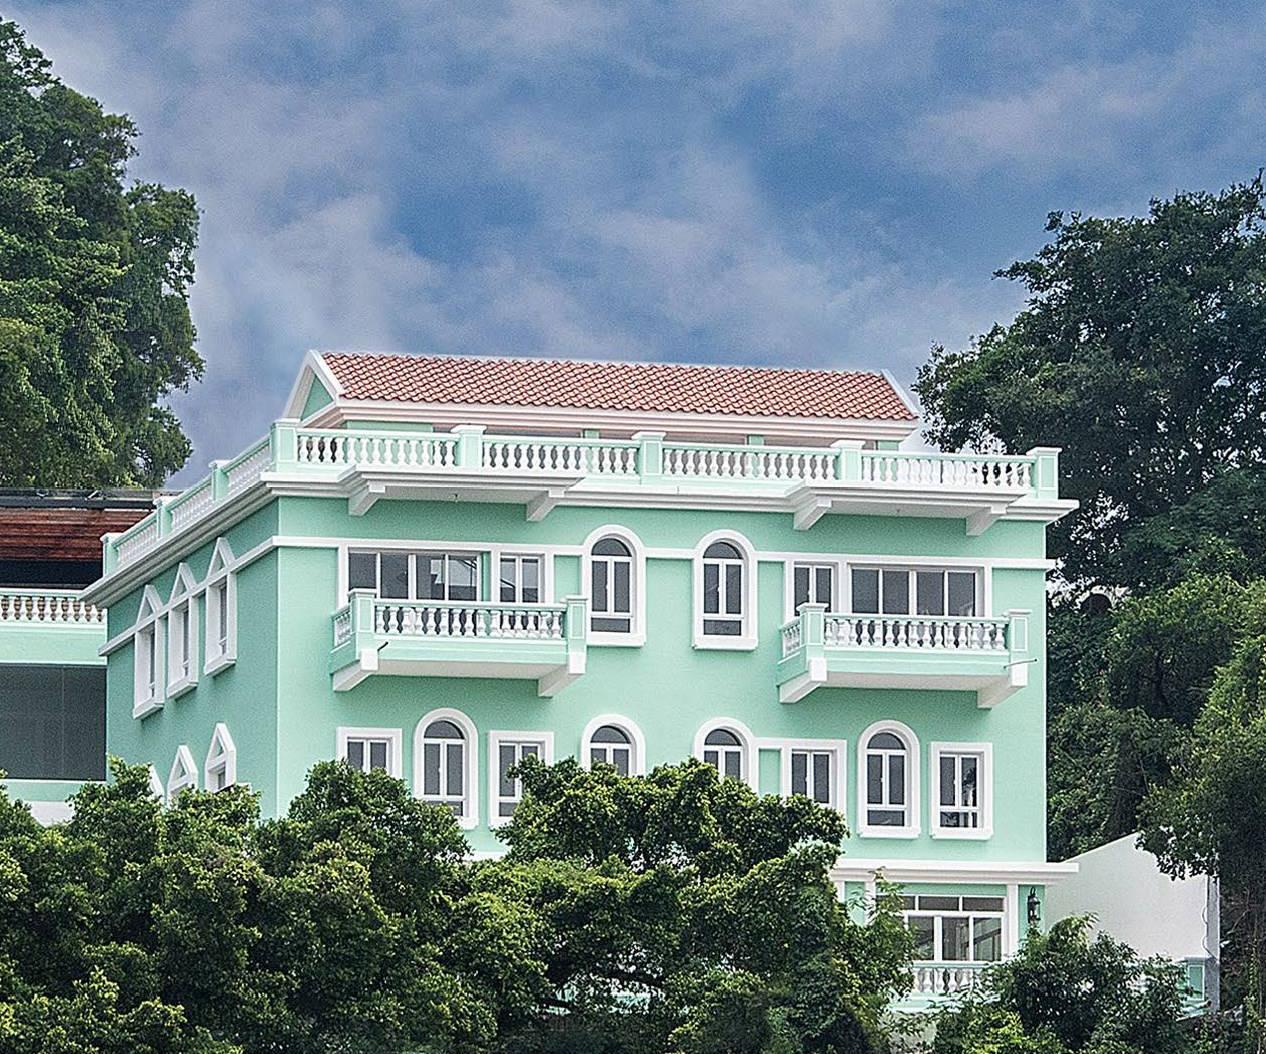 Casa colonial (Macau)